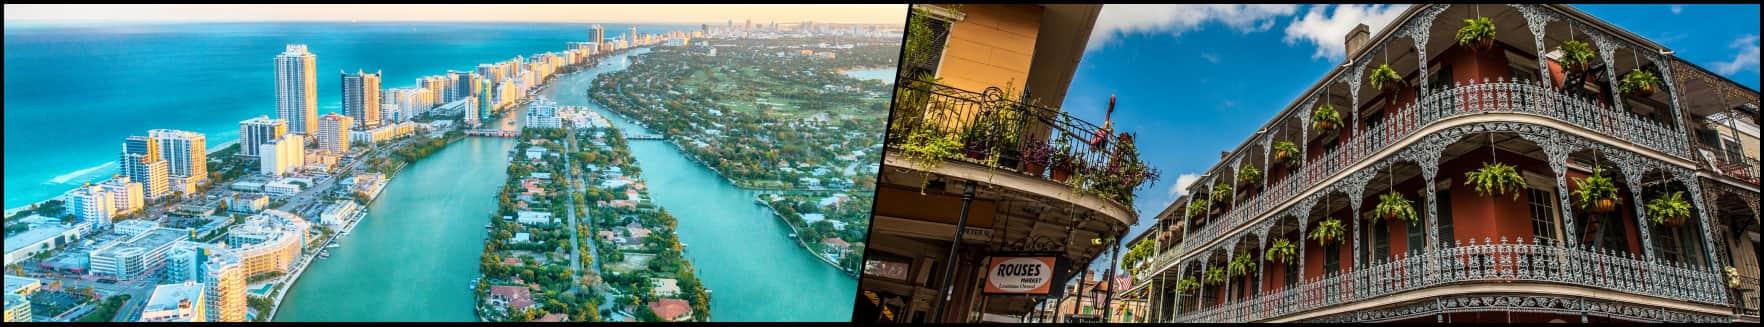 New York - New Orleans D12